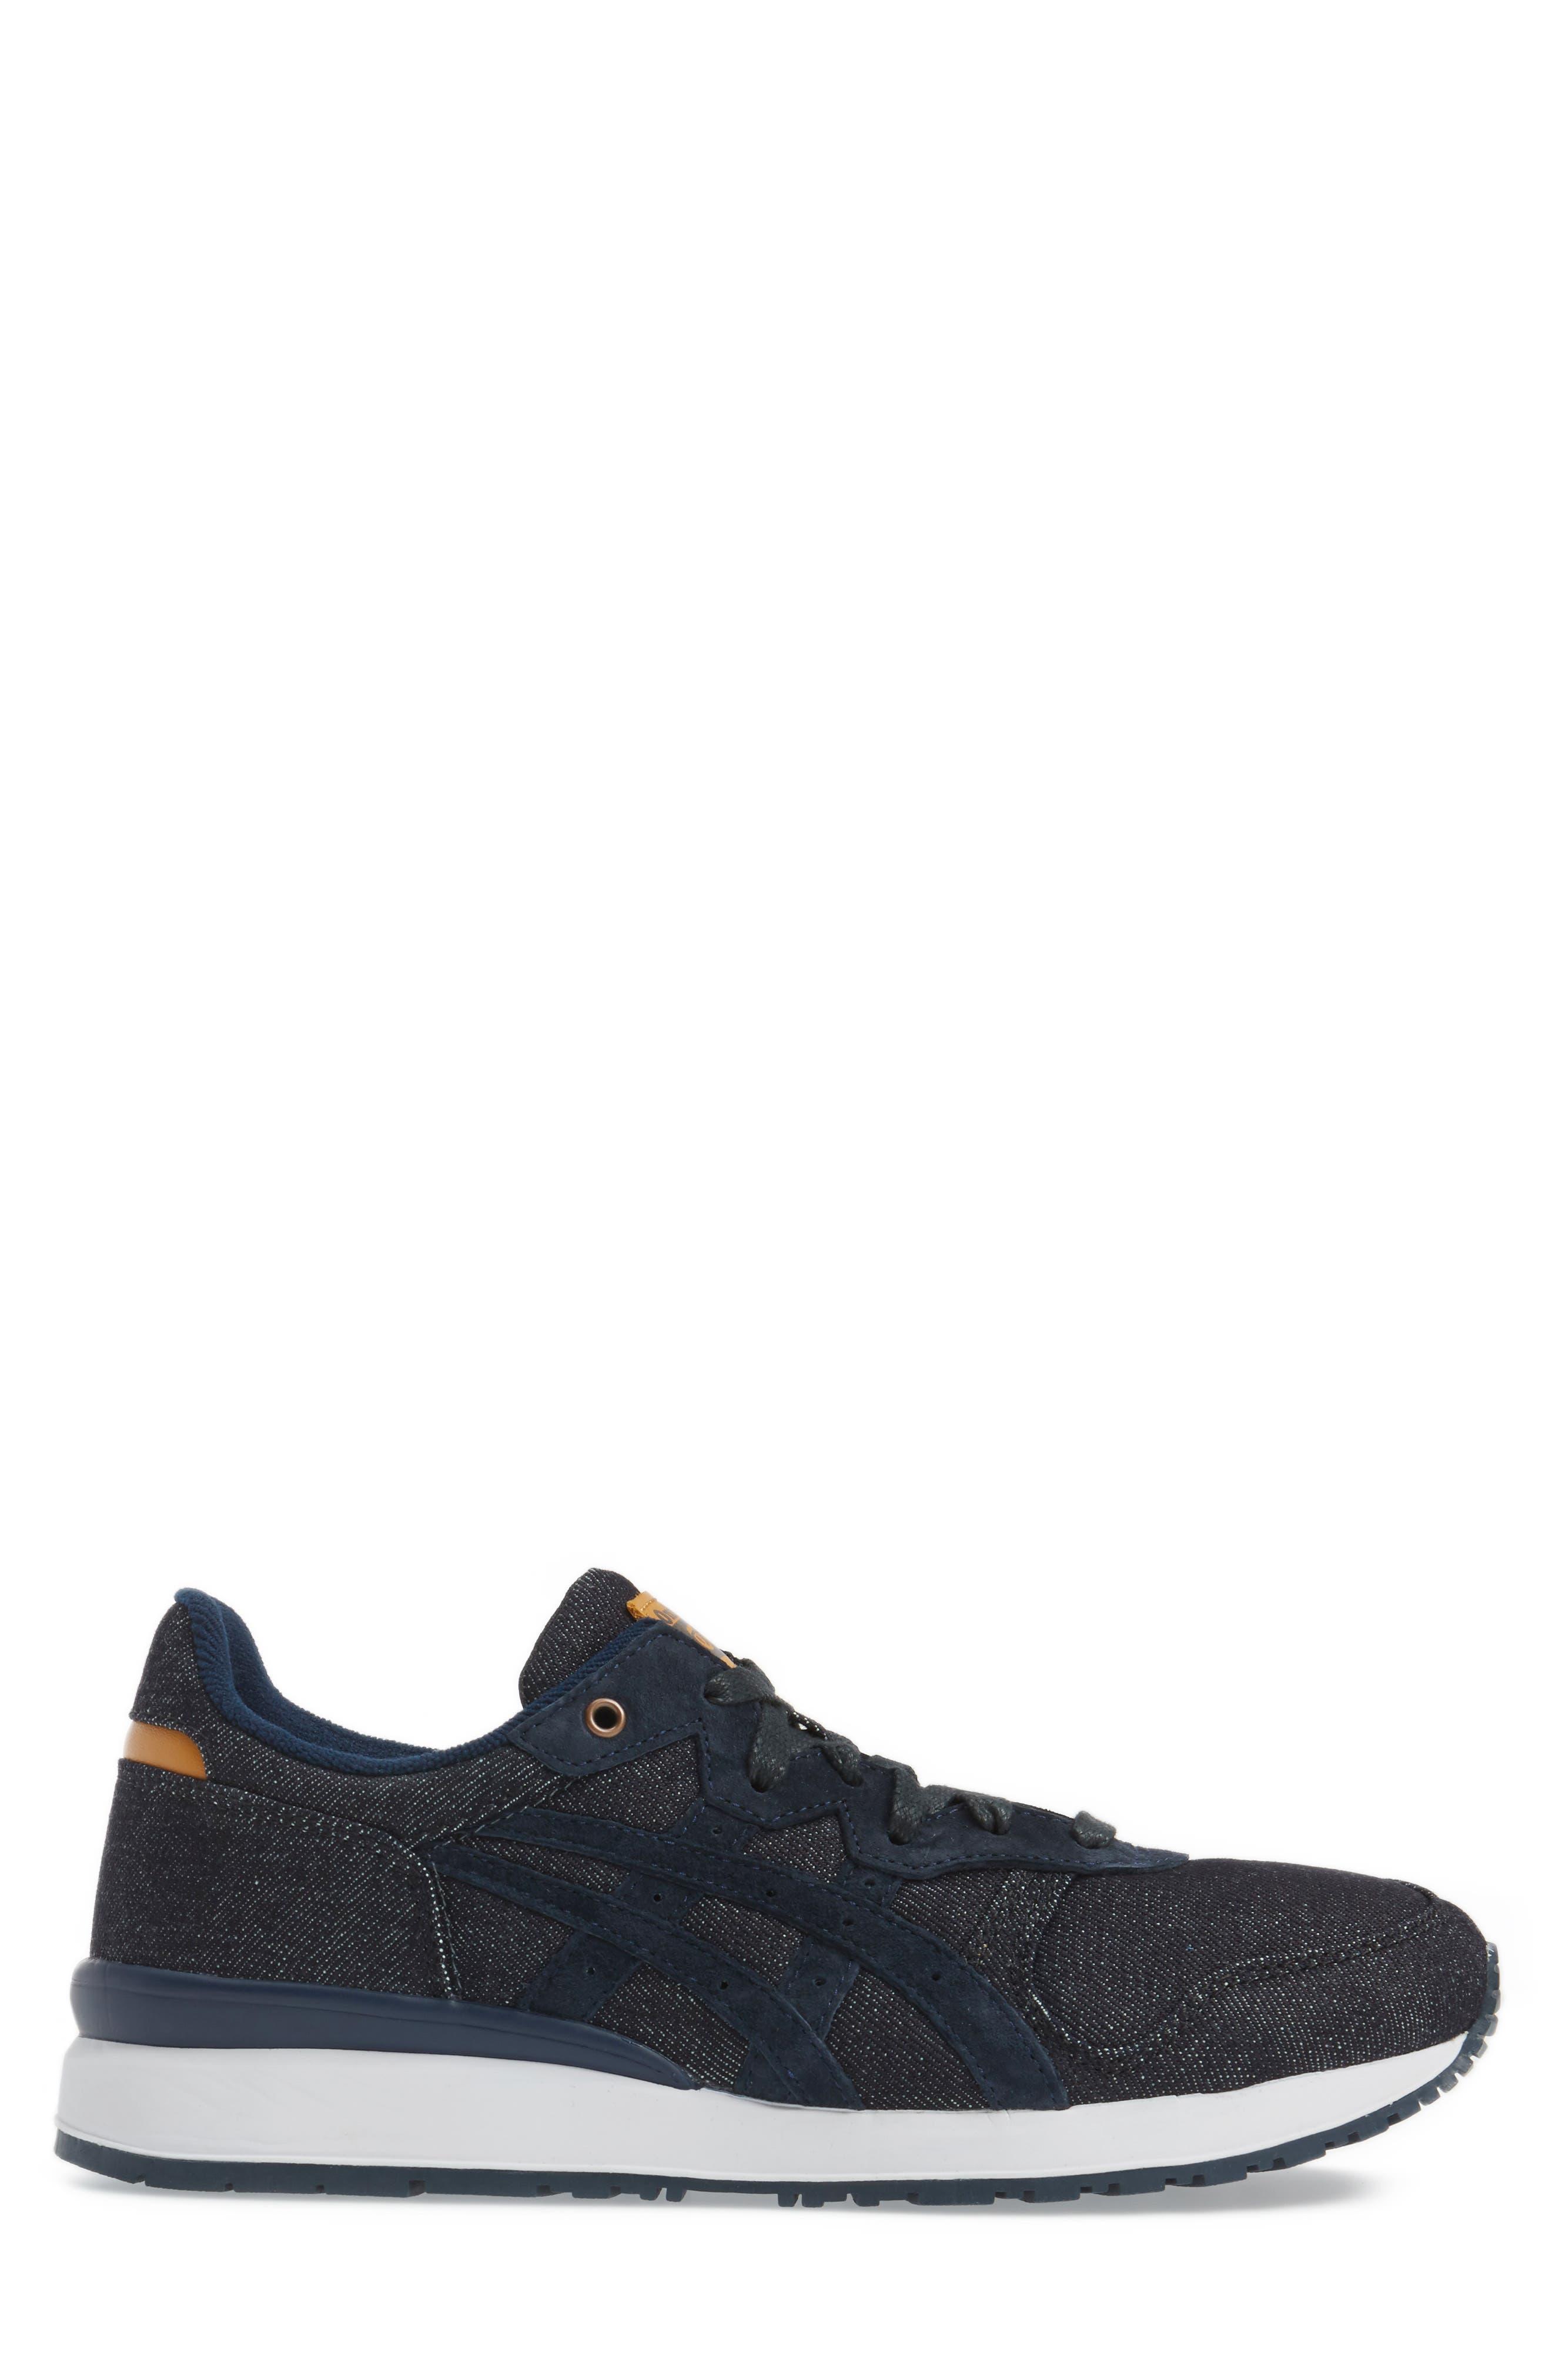 Onitsuka Tiger Ally Sneaker,                             Alternate thumbnail 3, color,                             Indigo Blue/ Indigo Blue